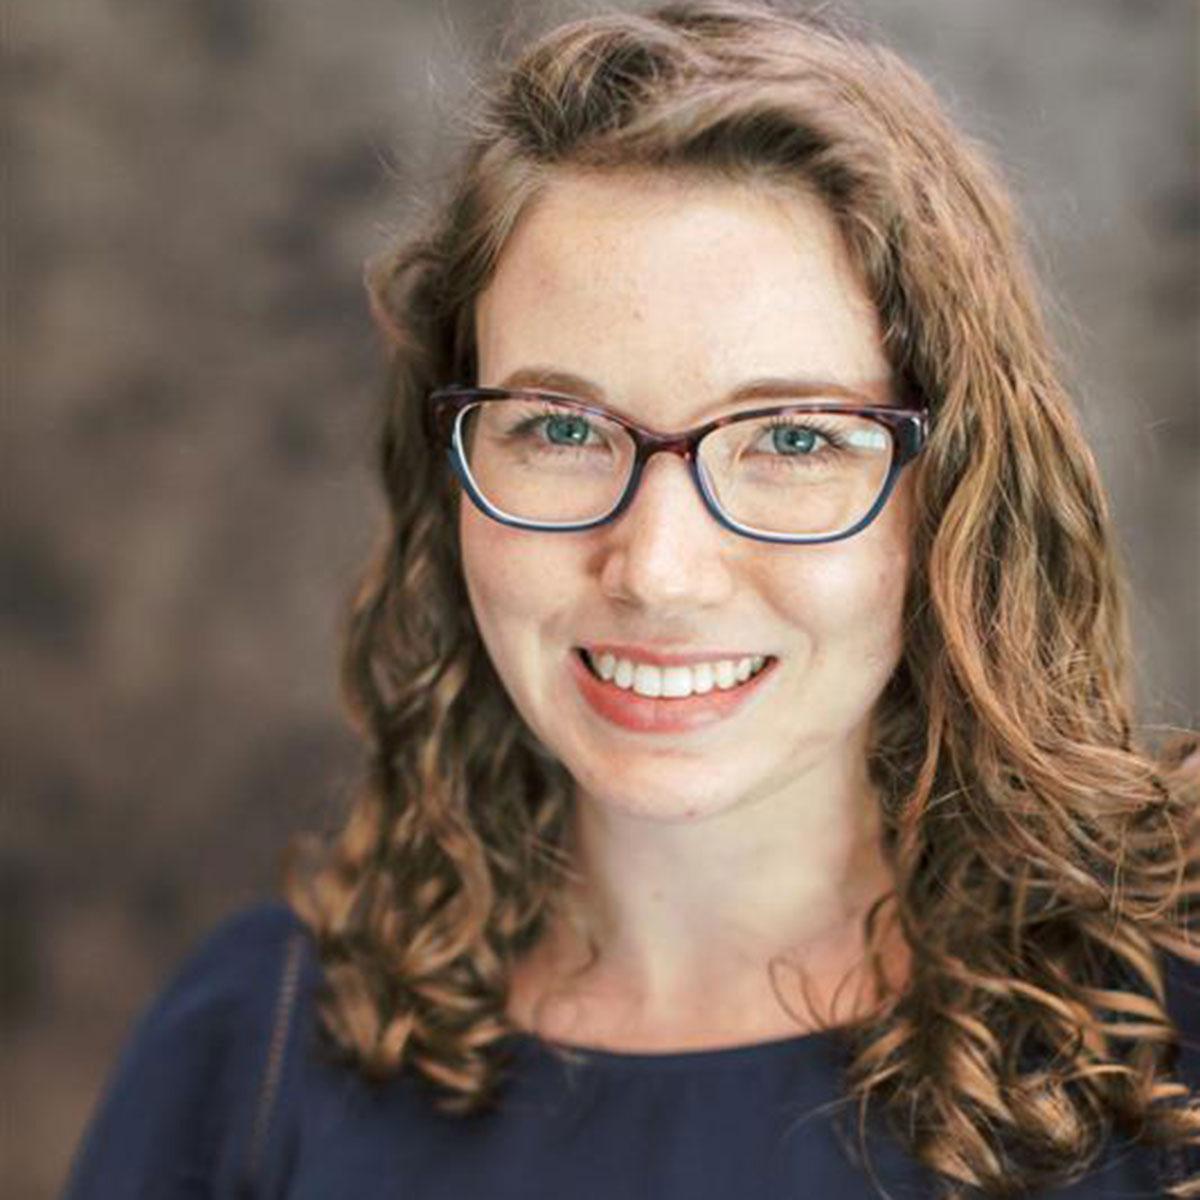 Amanda Sutton